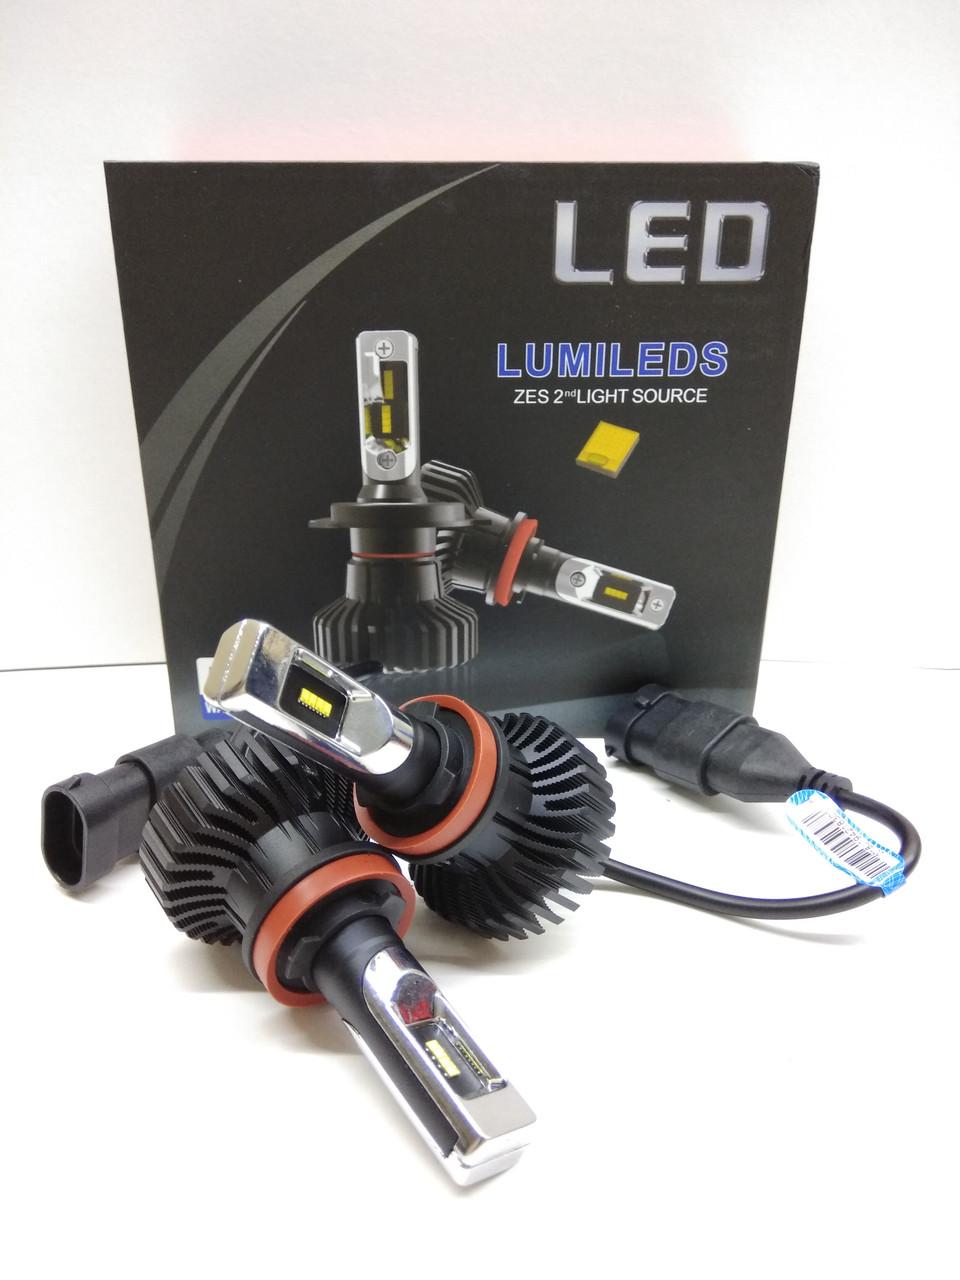 Светодионые автолампы LED BSmart Extra 5, H9, 50W, Lumileds Luxeon Z ES, 9-36V